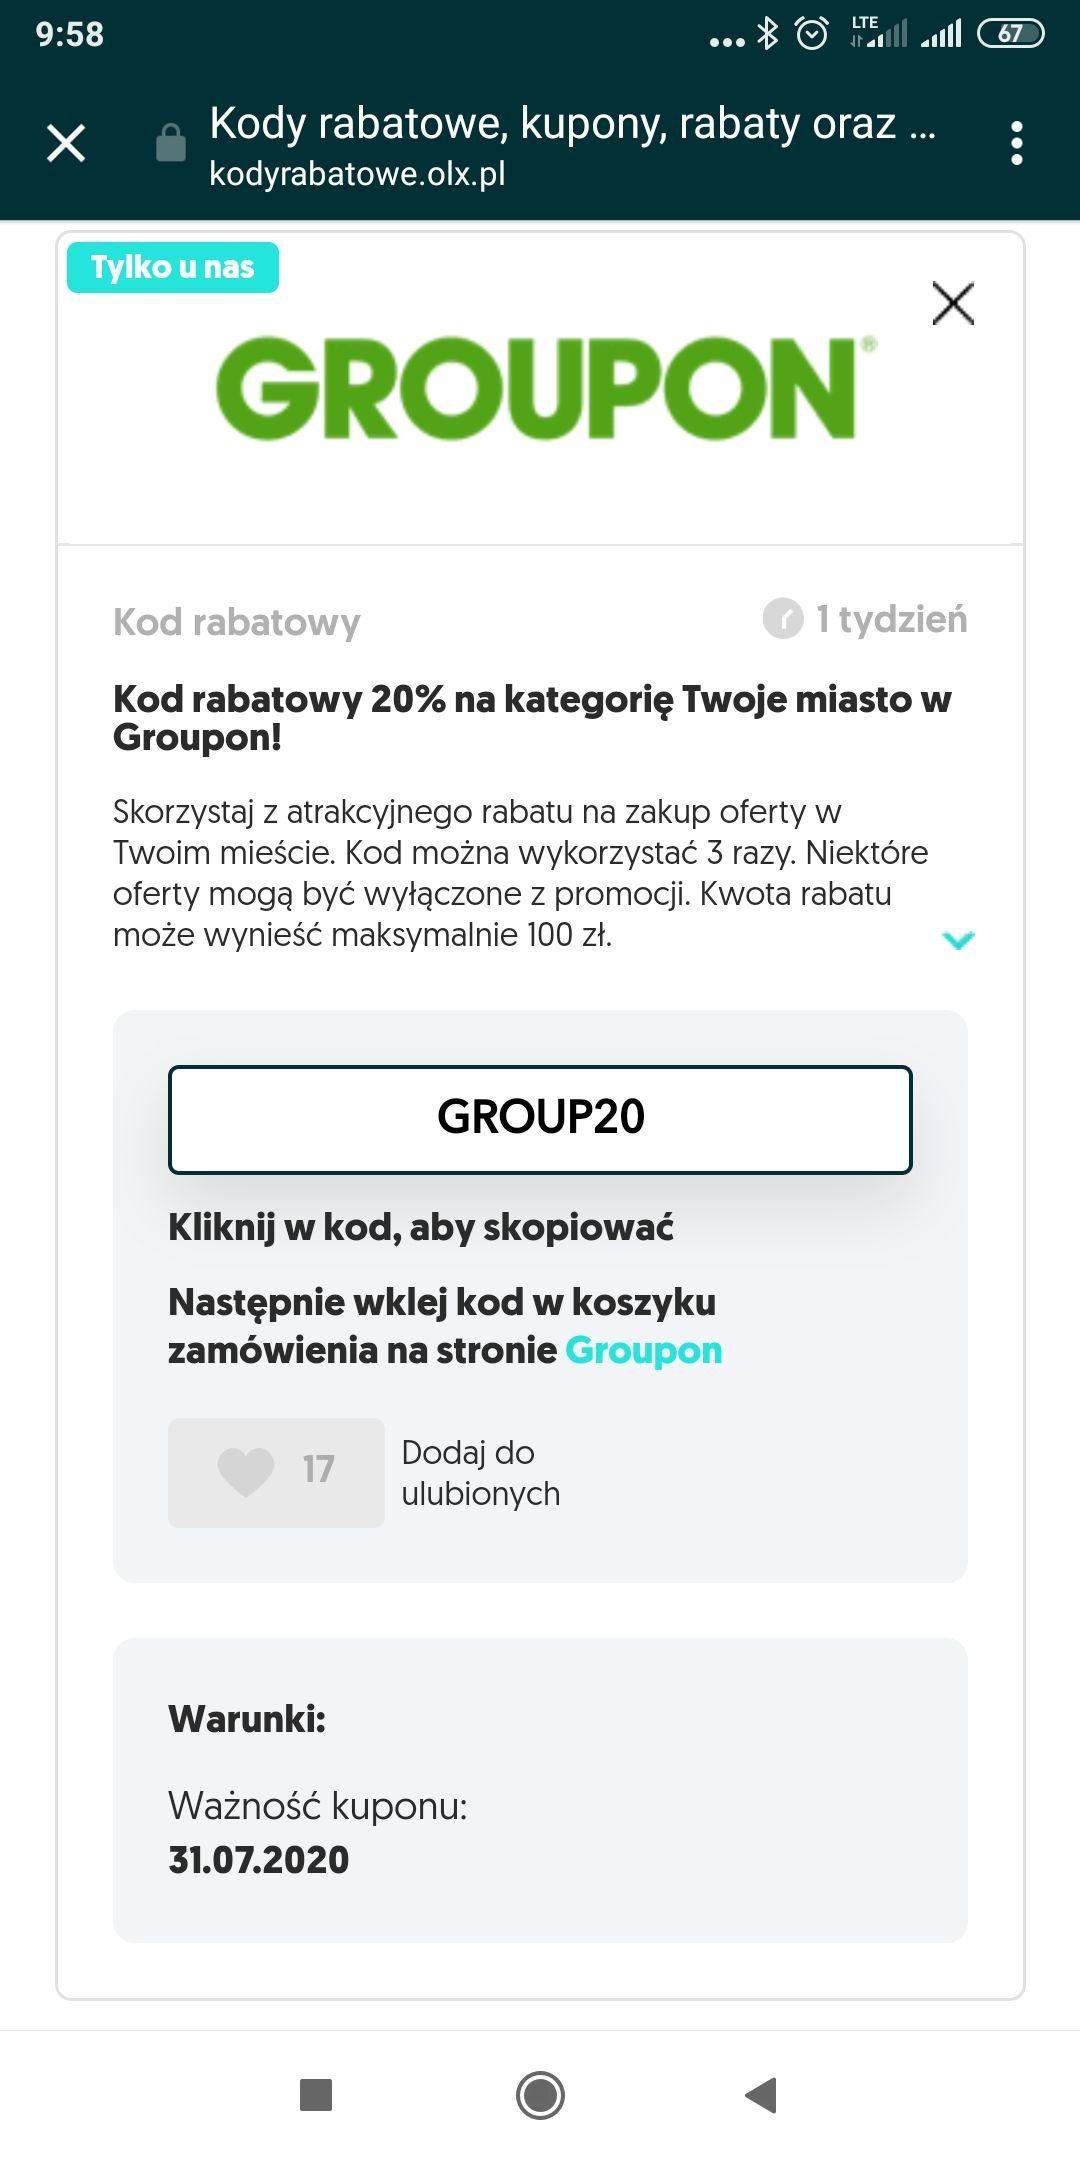 Kod rabatowy 20% na kategorię Twoje miasto w Groupon